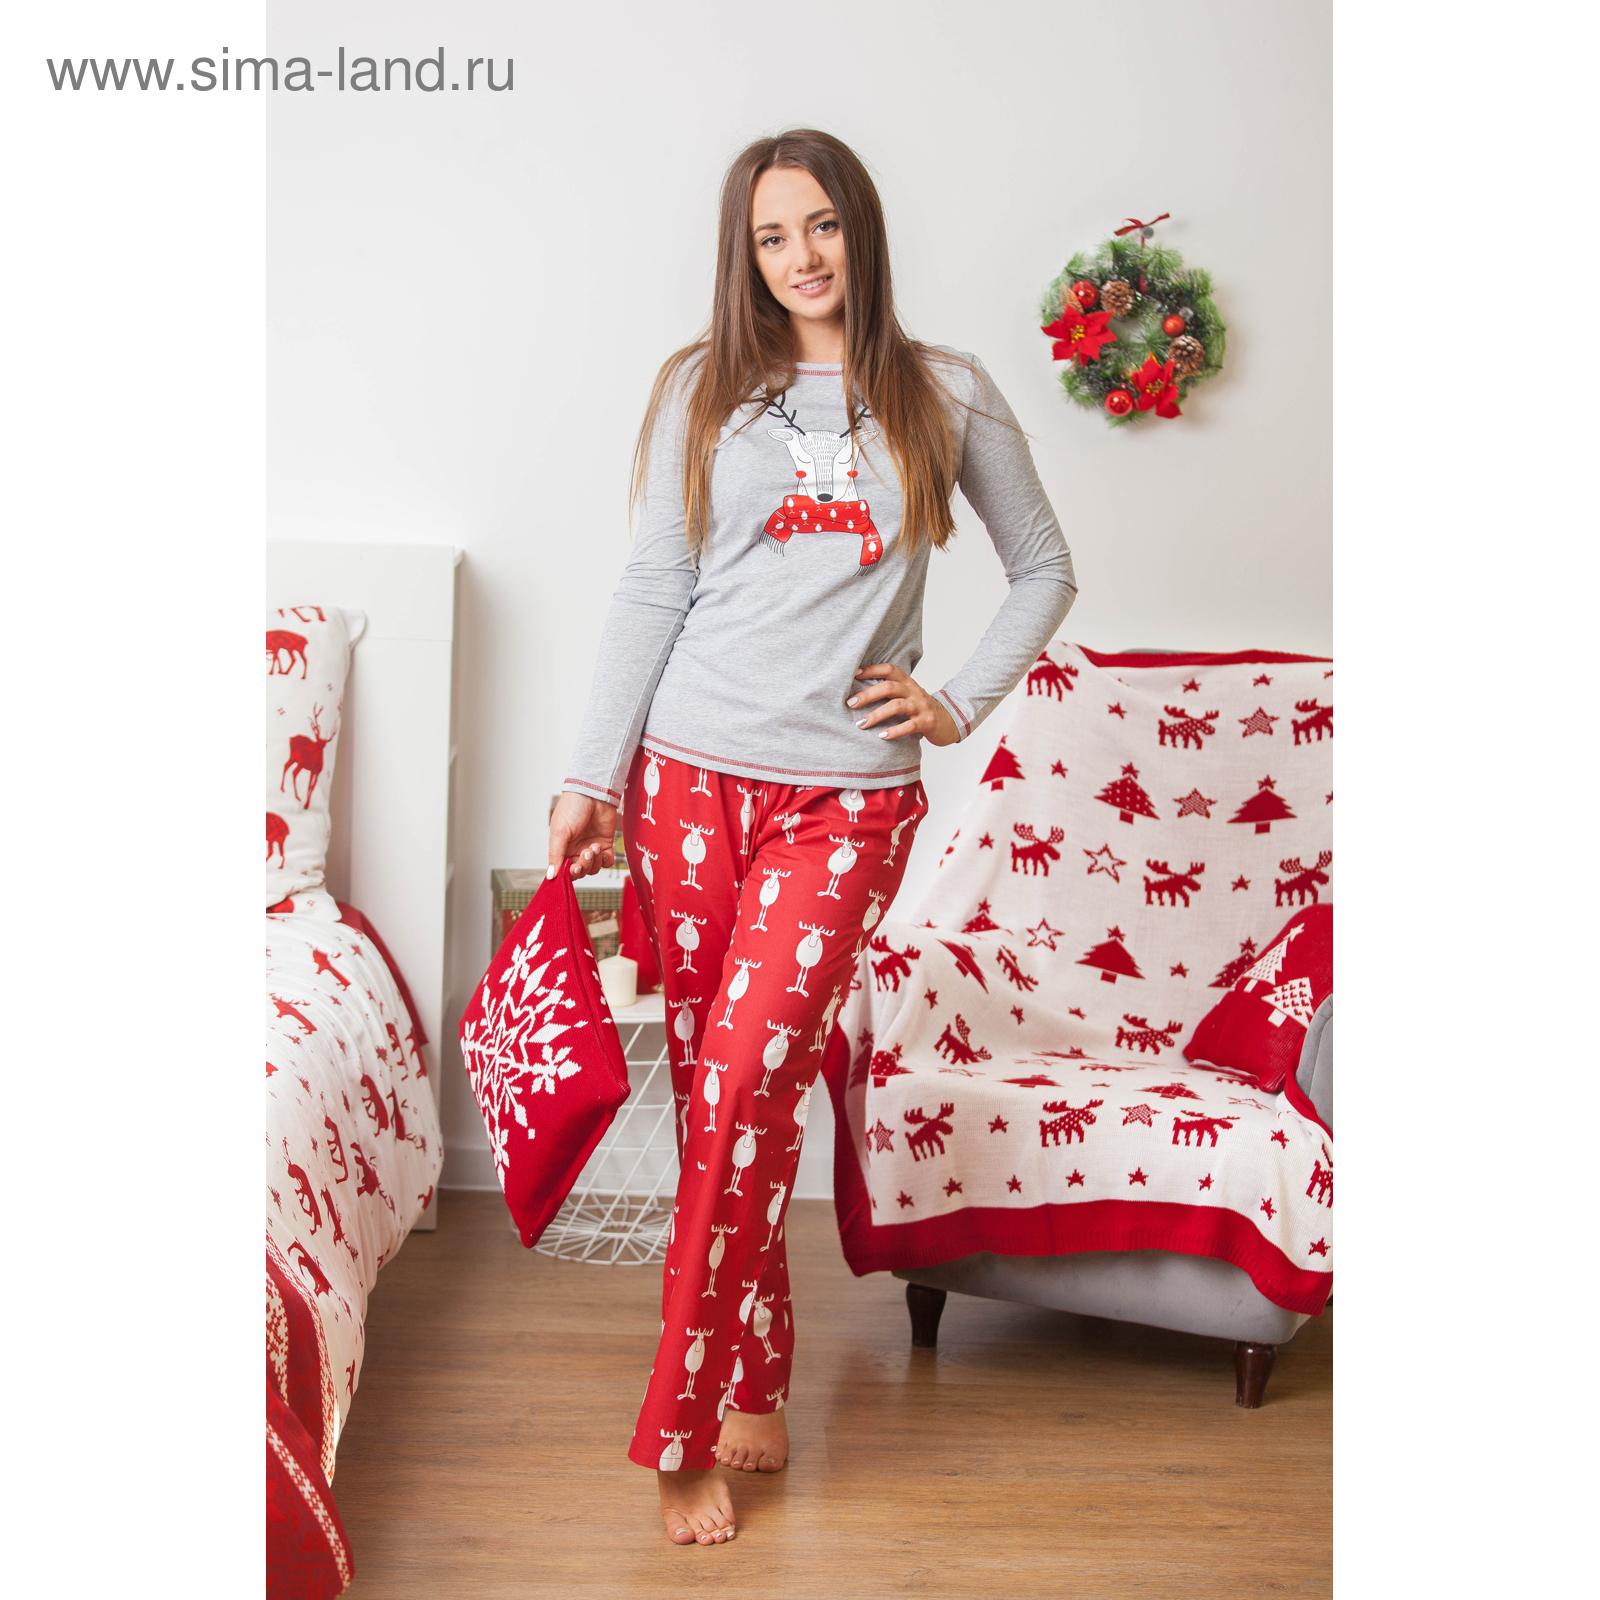 bc2a381187766 Пижама женская KAFTAN «Новогодняя», размер 40–42 (3596858) - Купить ...